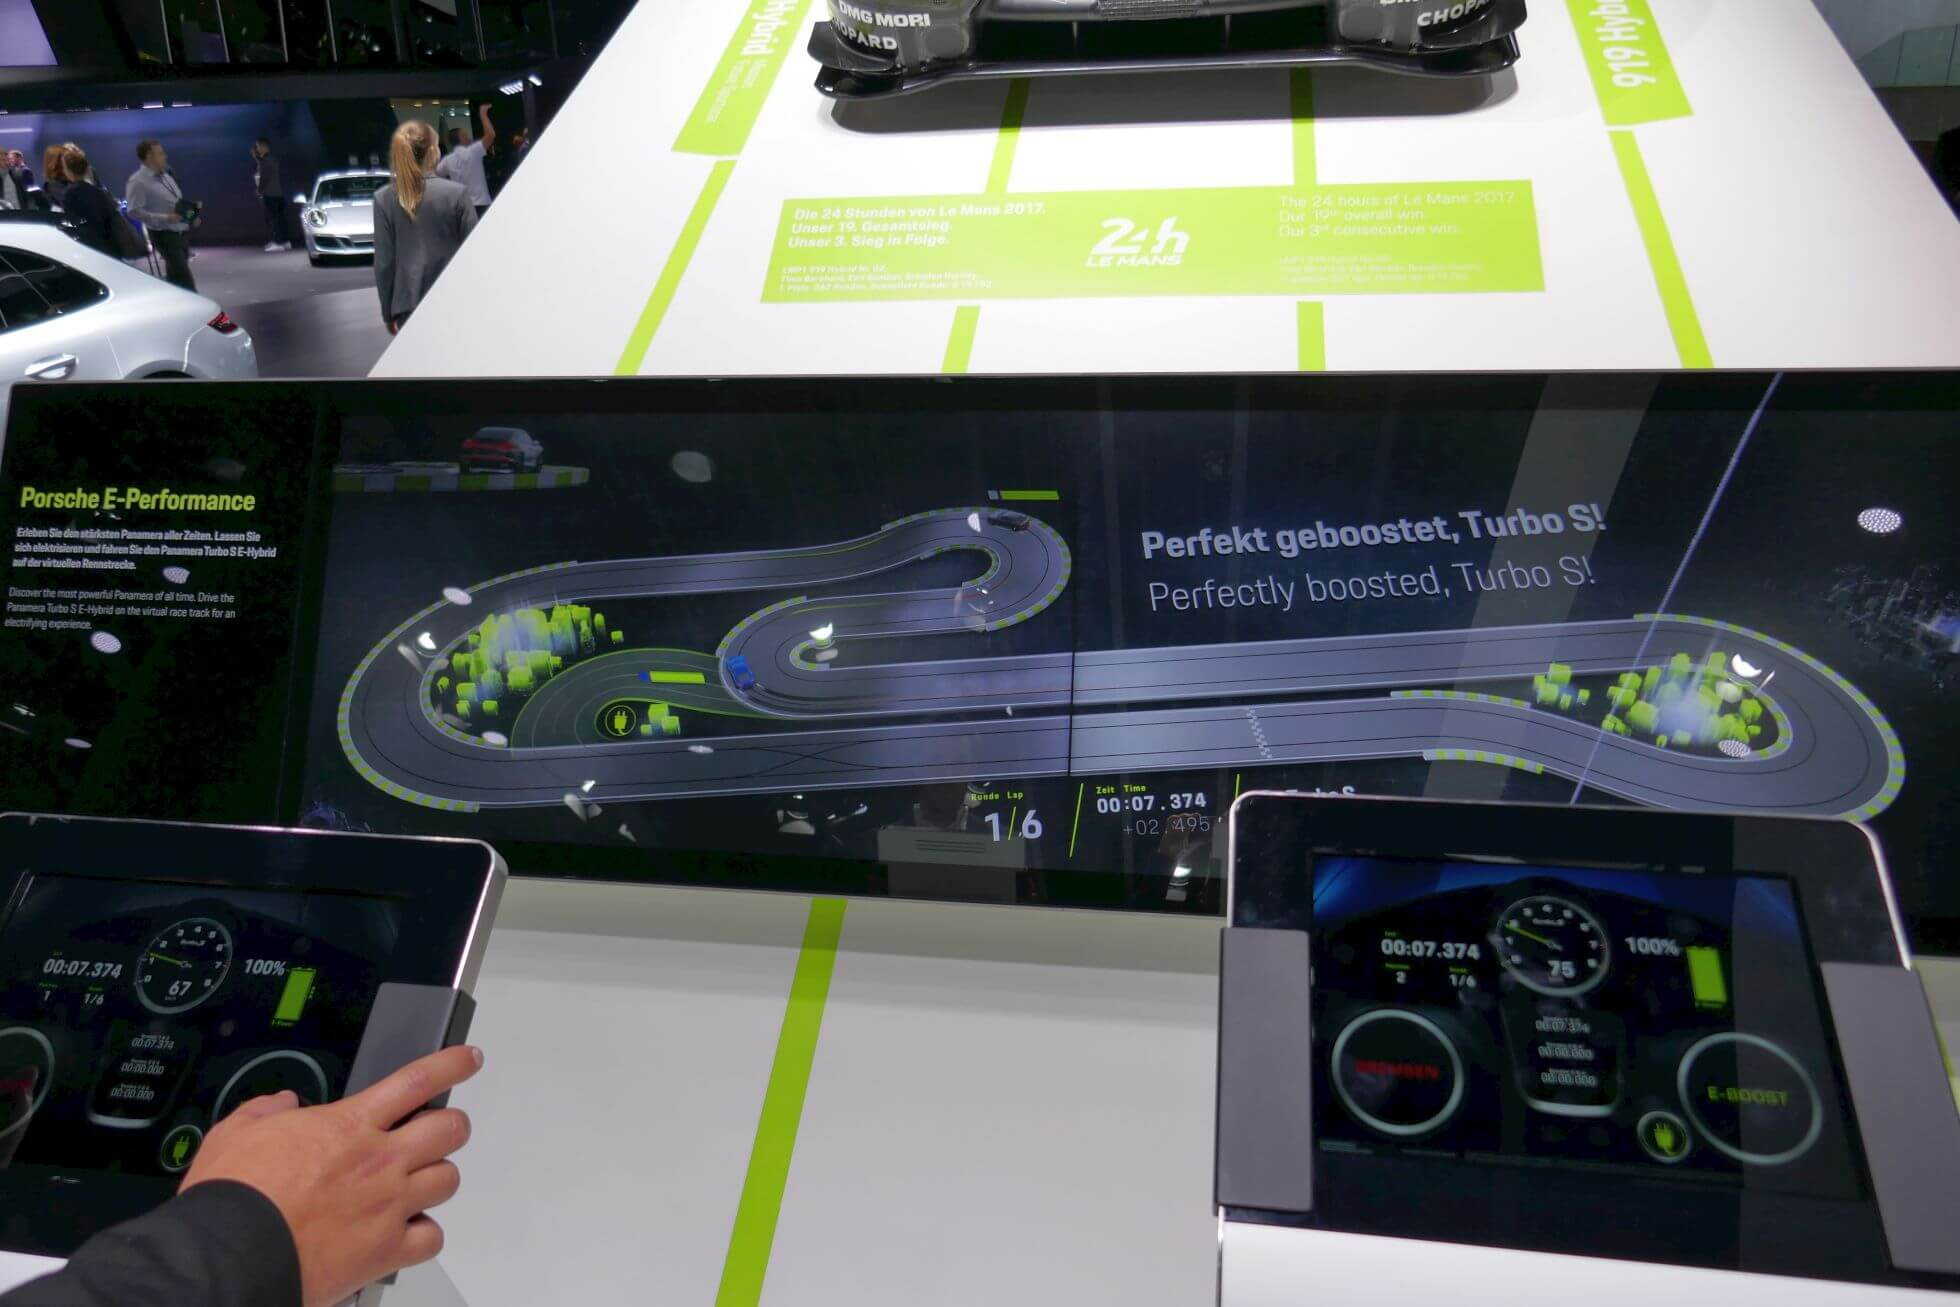 Für die Fahrt auf der digitalen Porsche Carrera-Bahn müssen nur zwei Knöpfe gedrückt werden: Turbo und Bremsen.